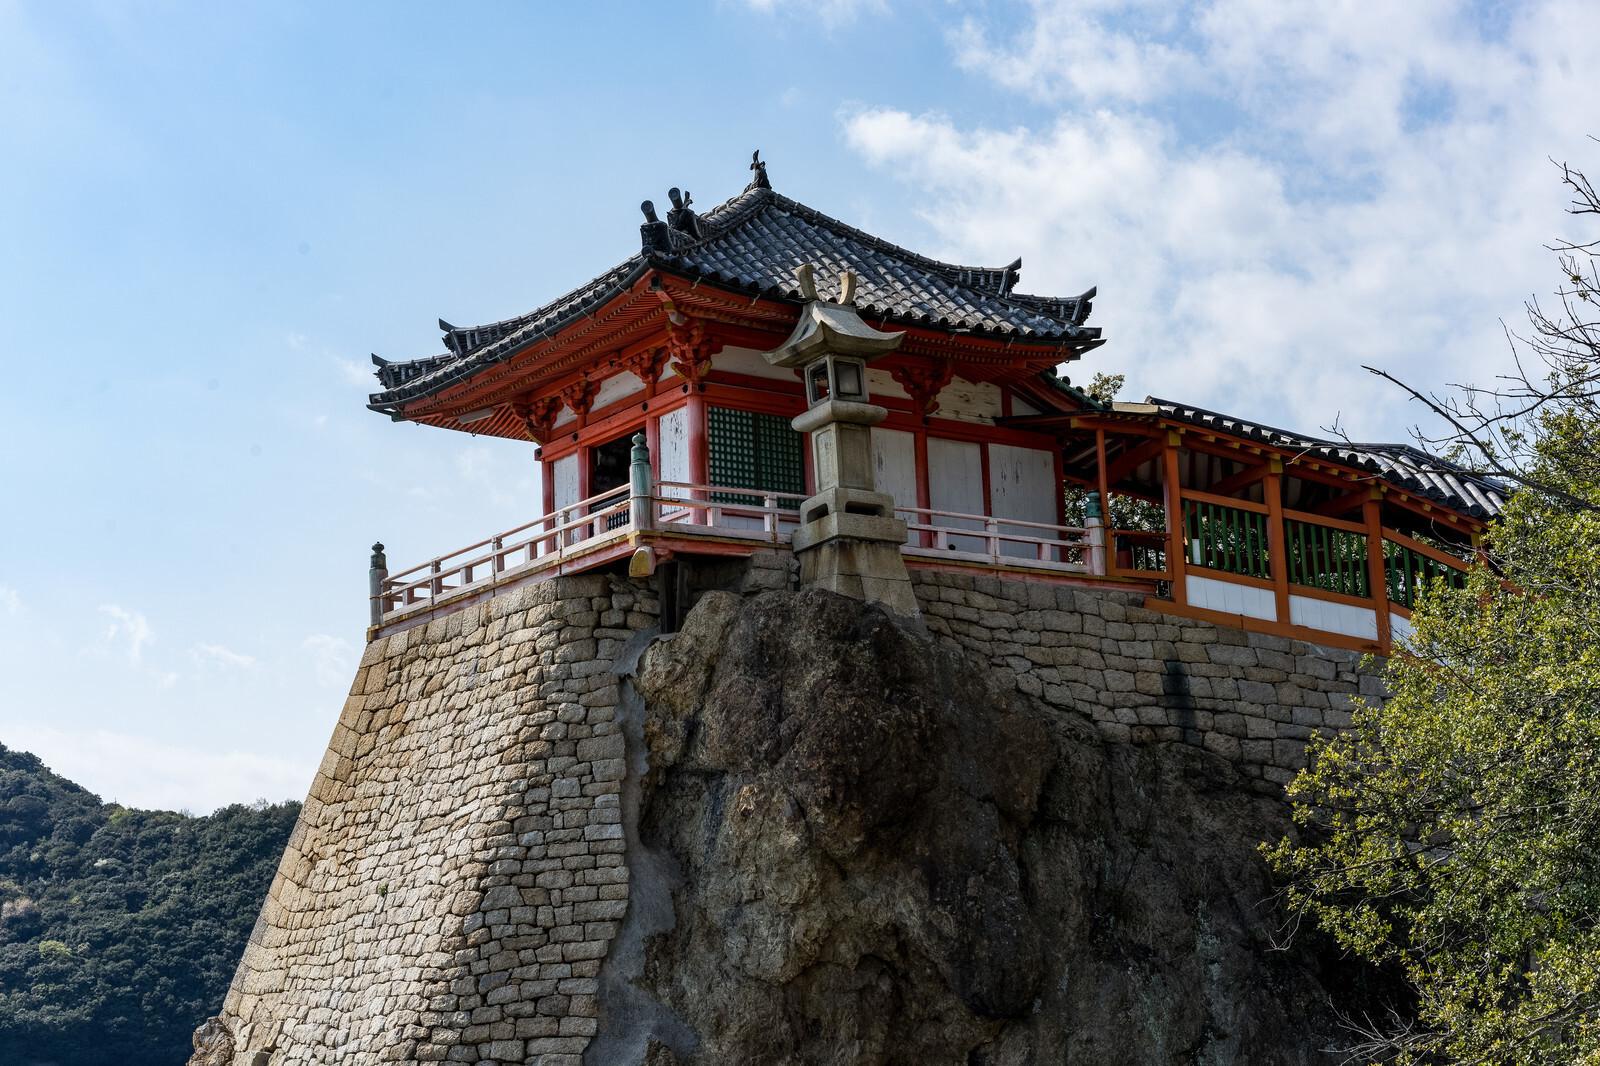 岩壁の上の寺院